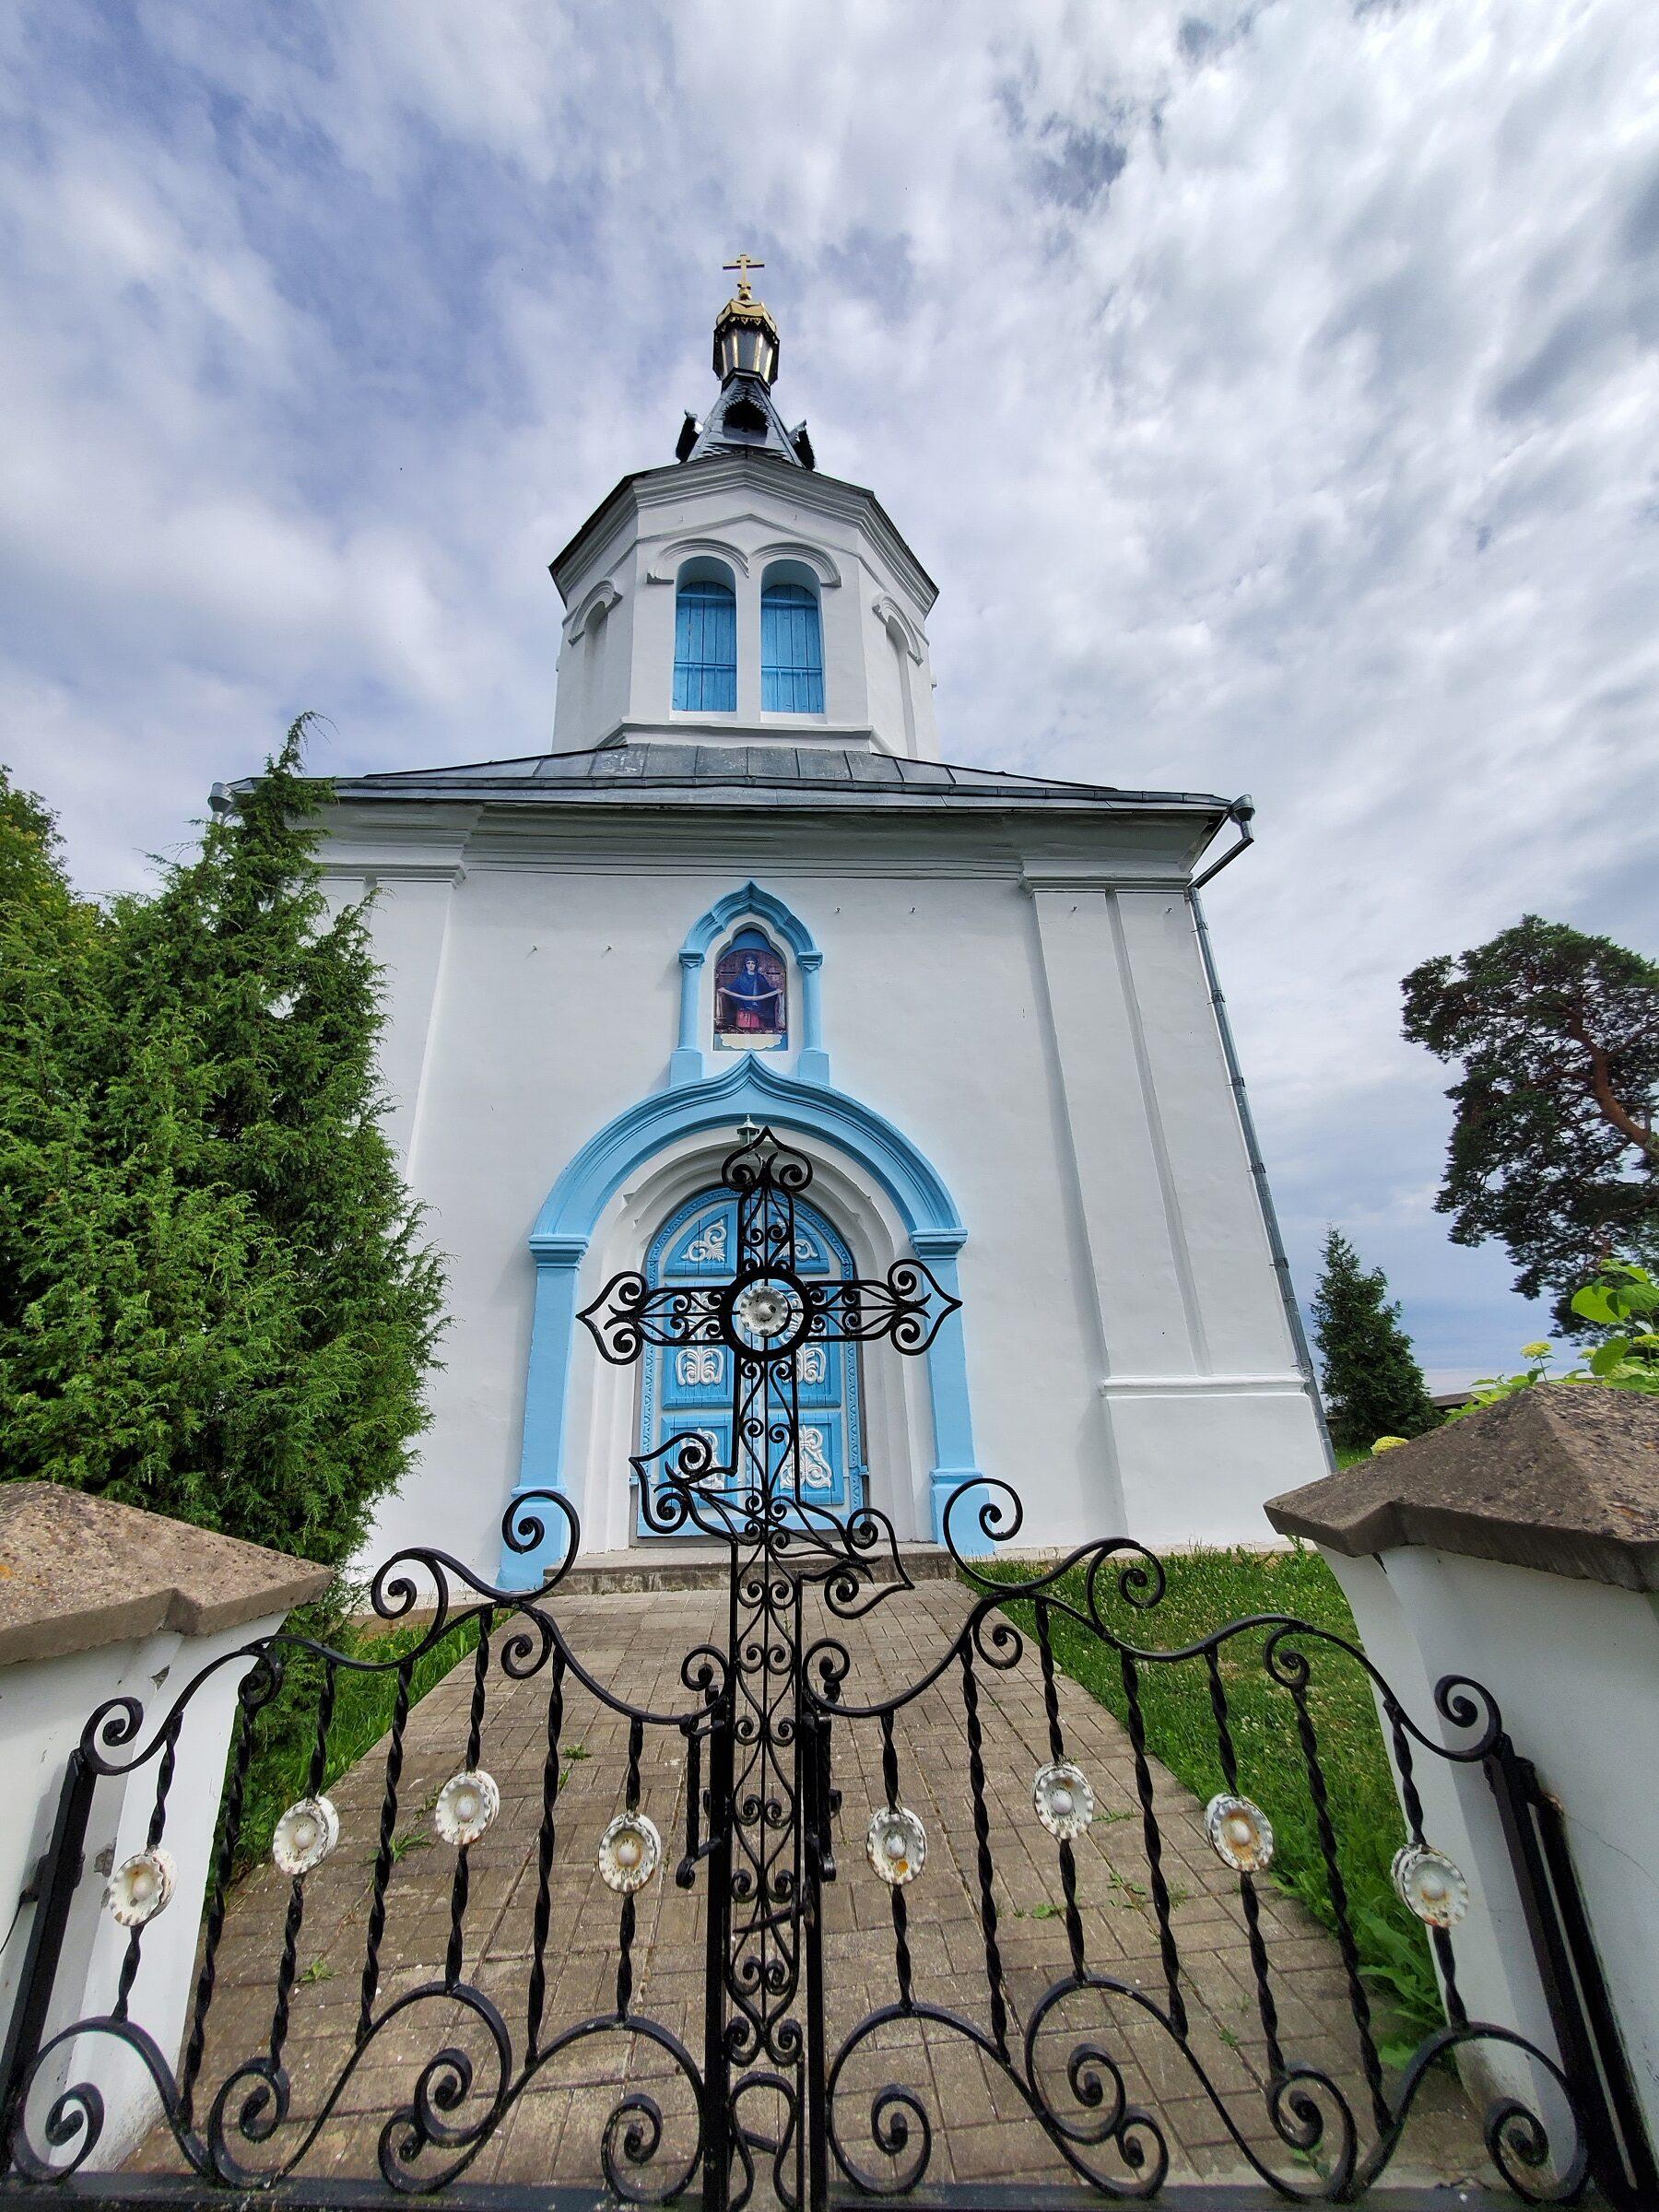 20200703 151359 rotated - Покровская церковь в деревне Бушики